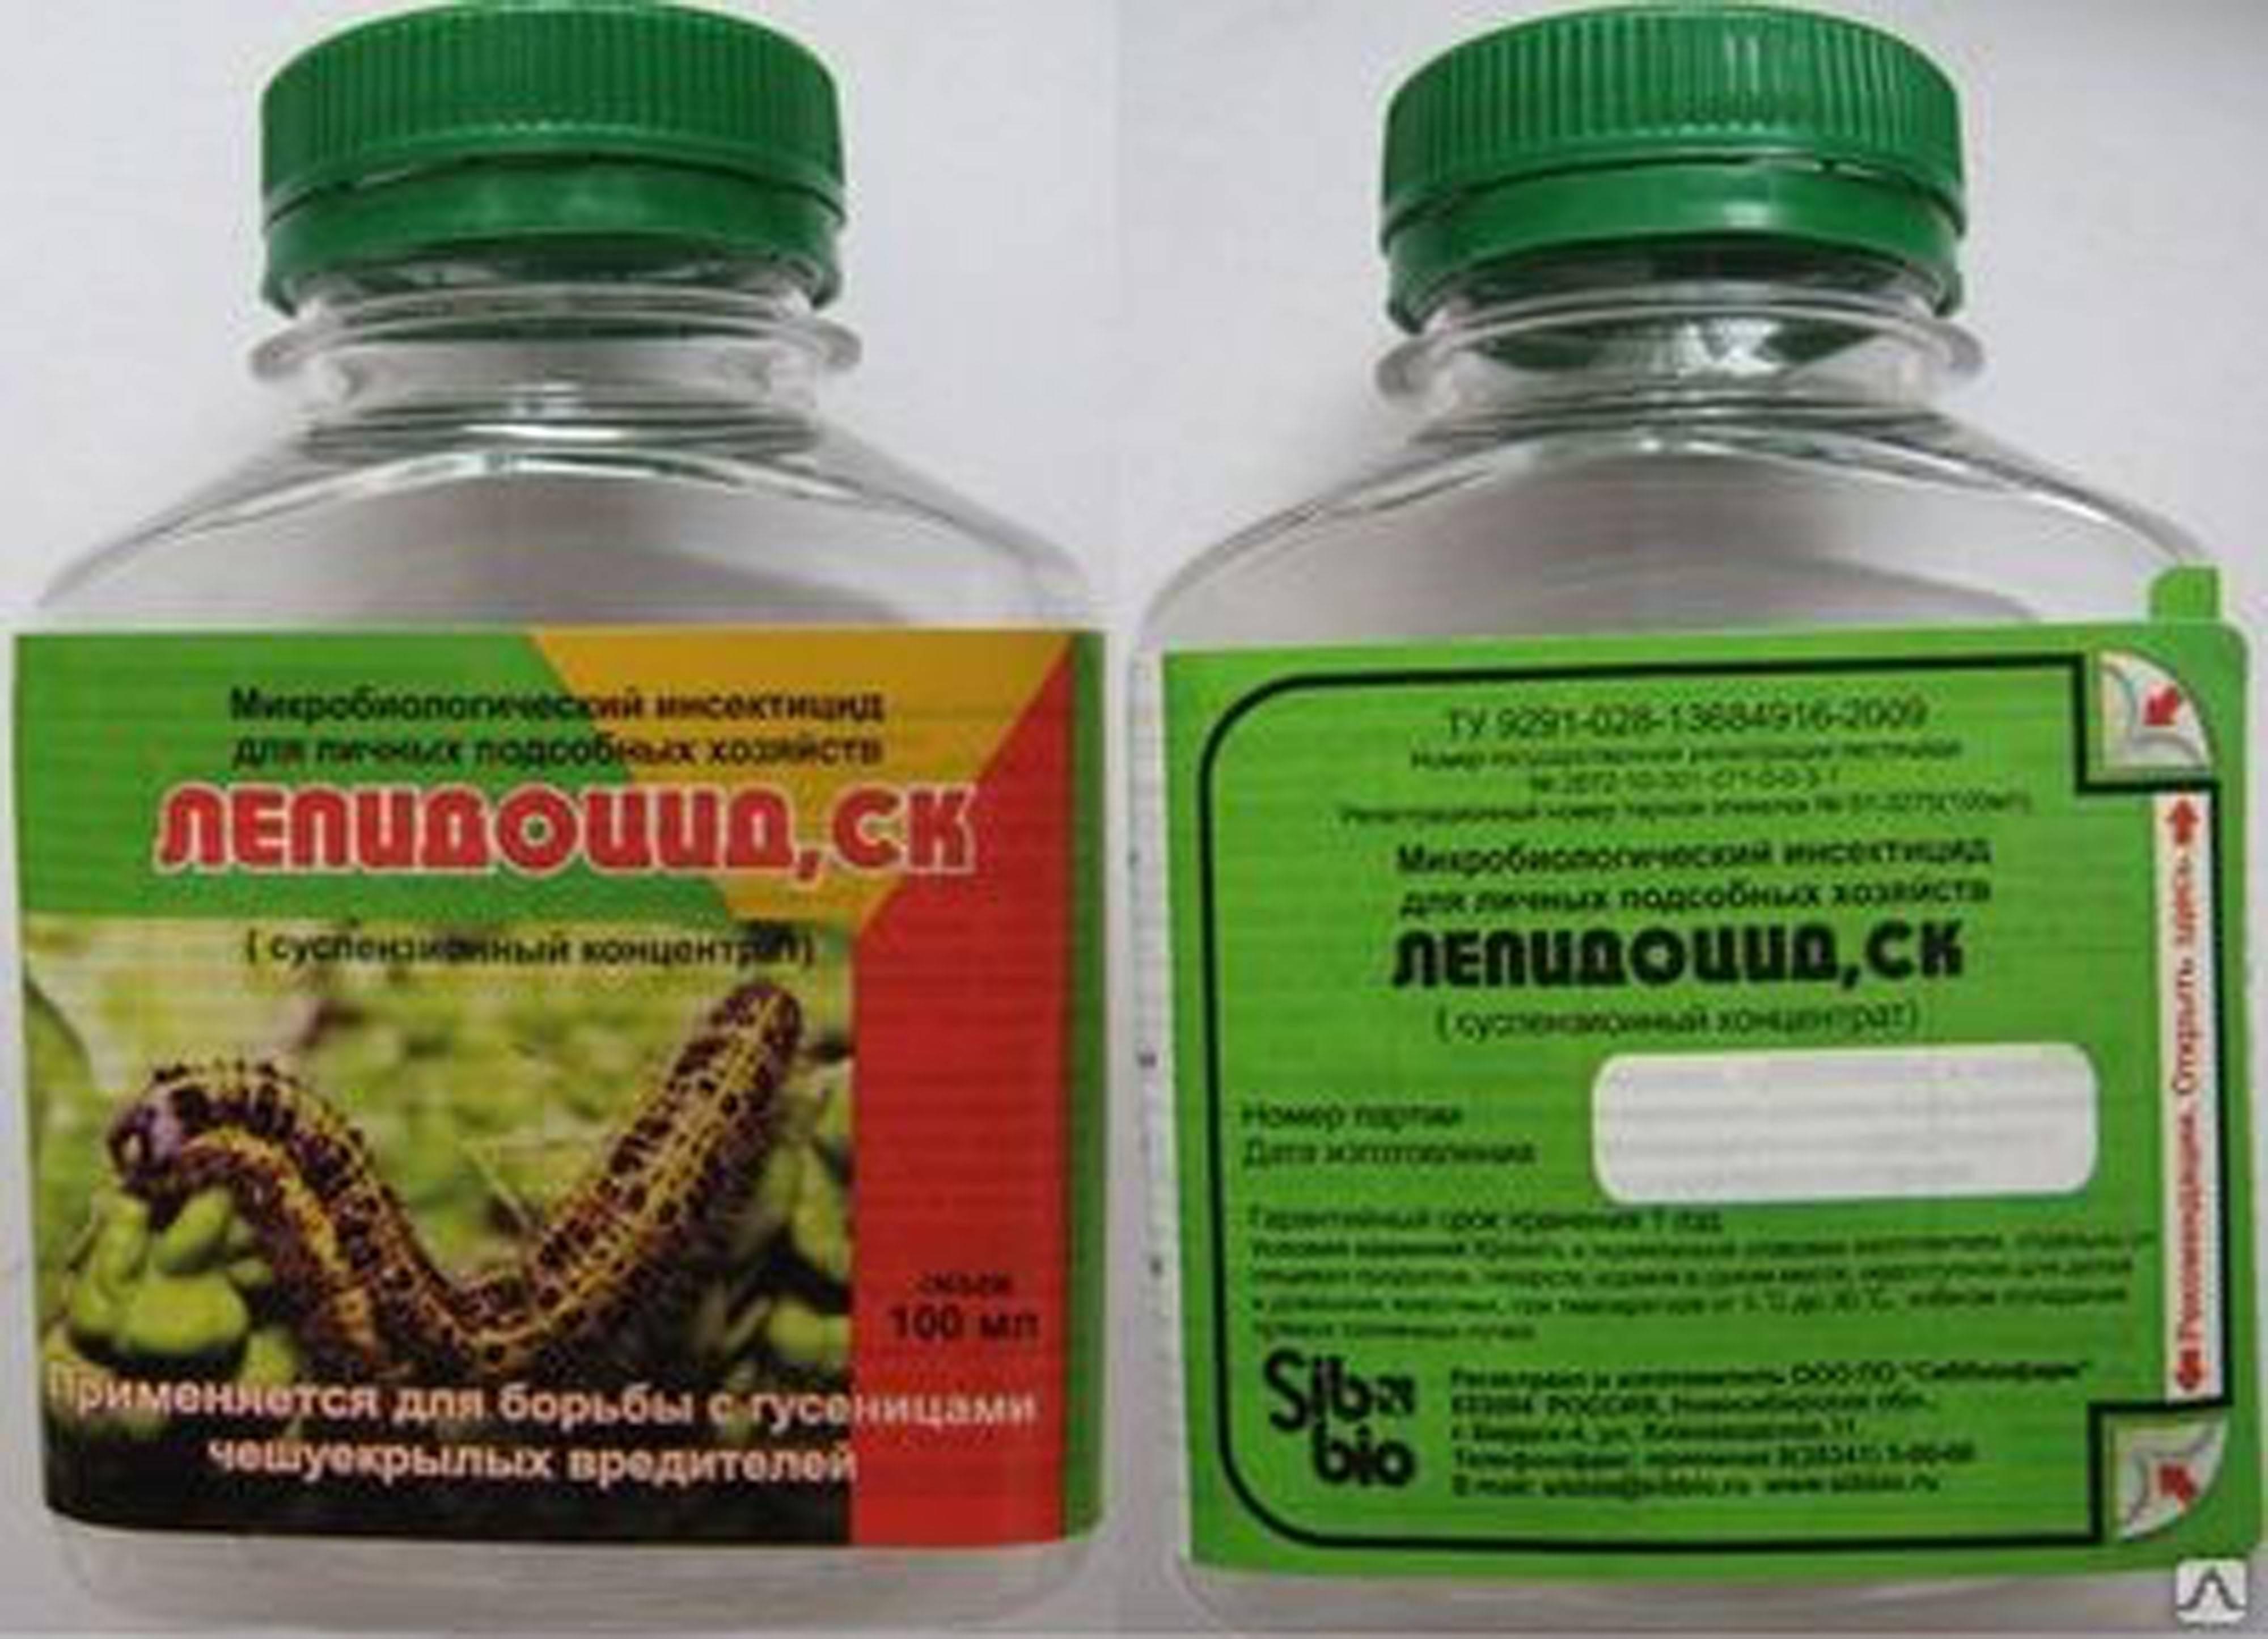 Лепидоцид: инструкция по применению, отзывы, хранение препарата